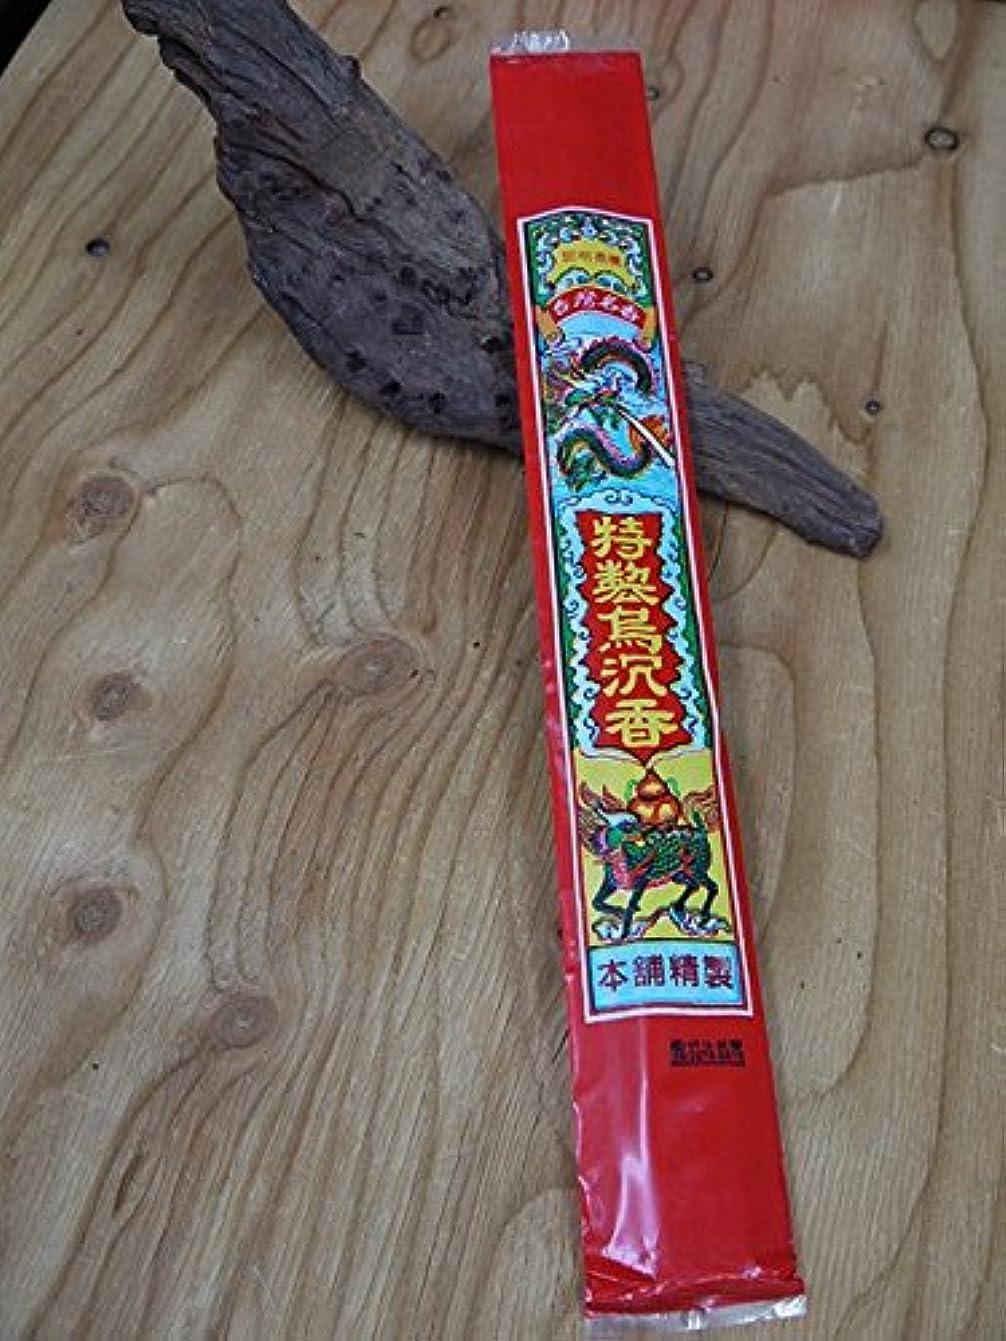 タンパク質動員するマチュピチュ特製鳥沈香 台湾のお香「特製鳥沈香」お寺などに供えるポピュラーなお香